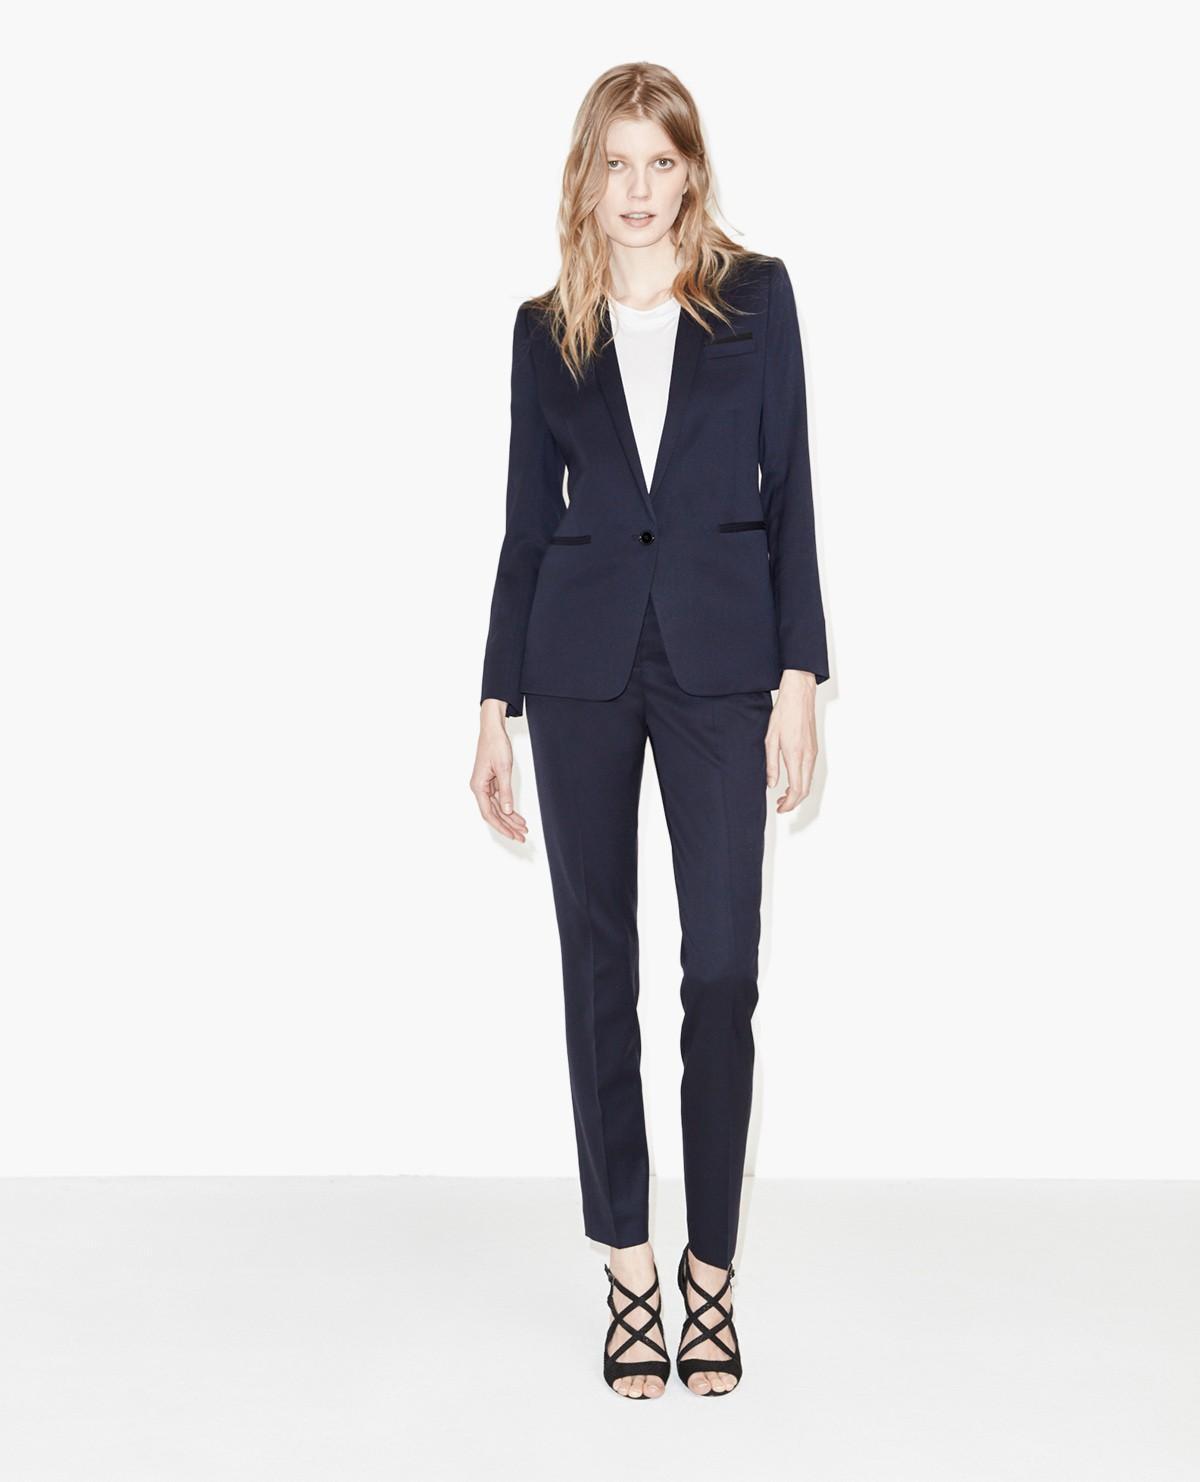 Connu Ces marques qui réhabilitent le tailleur pour working girl - KO94